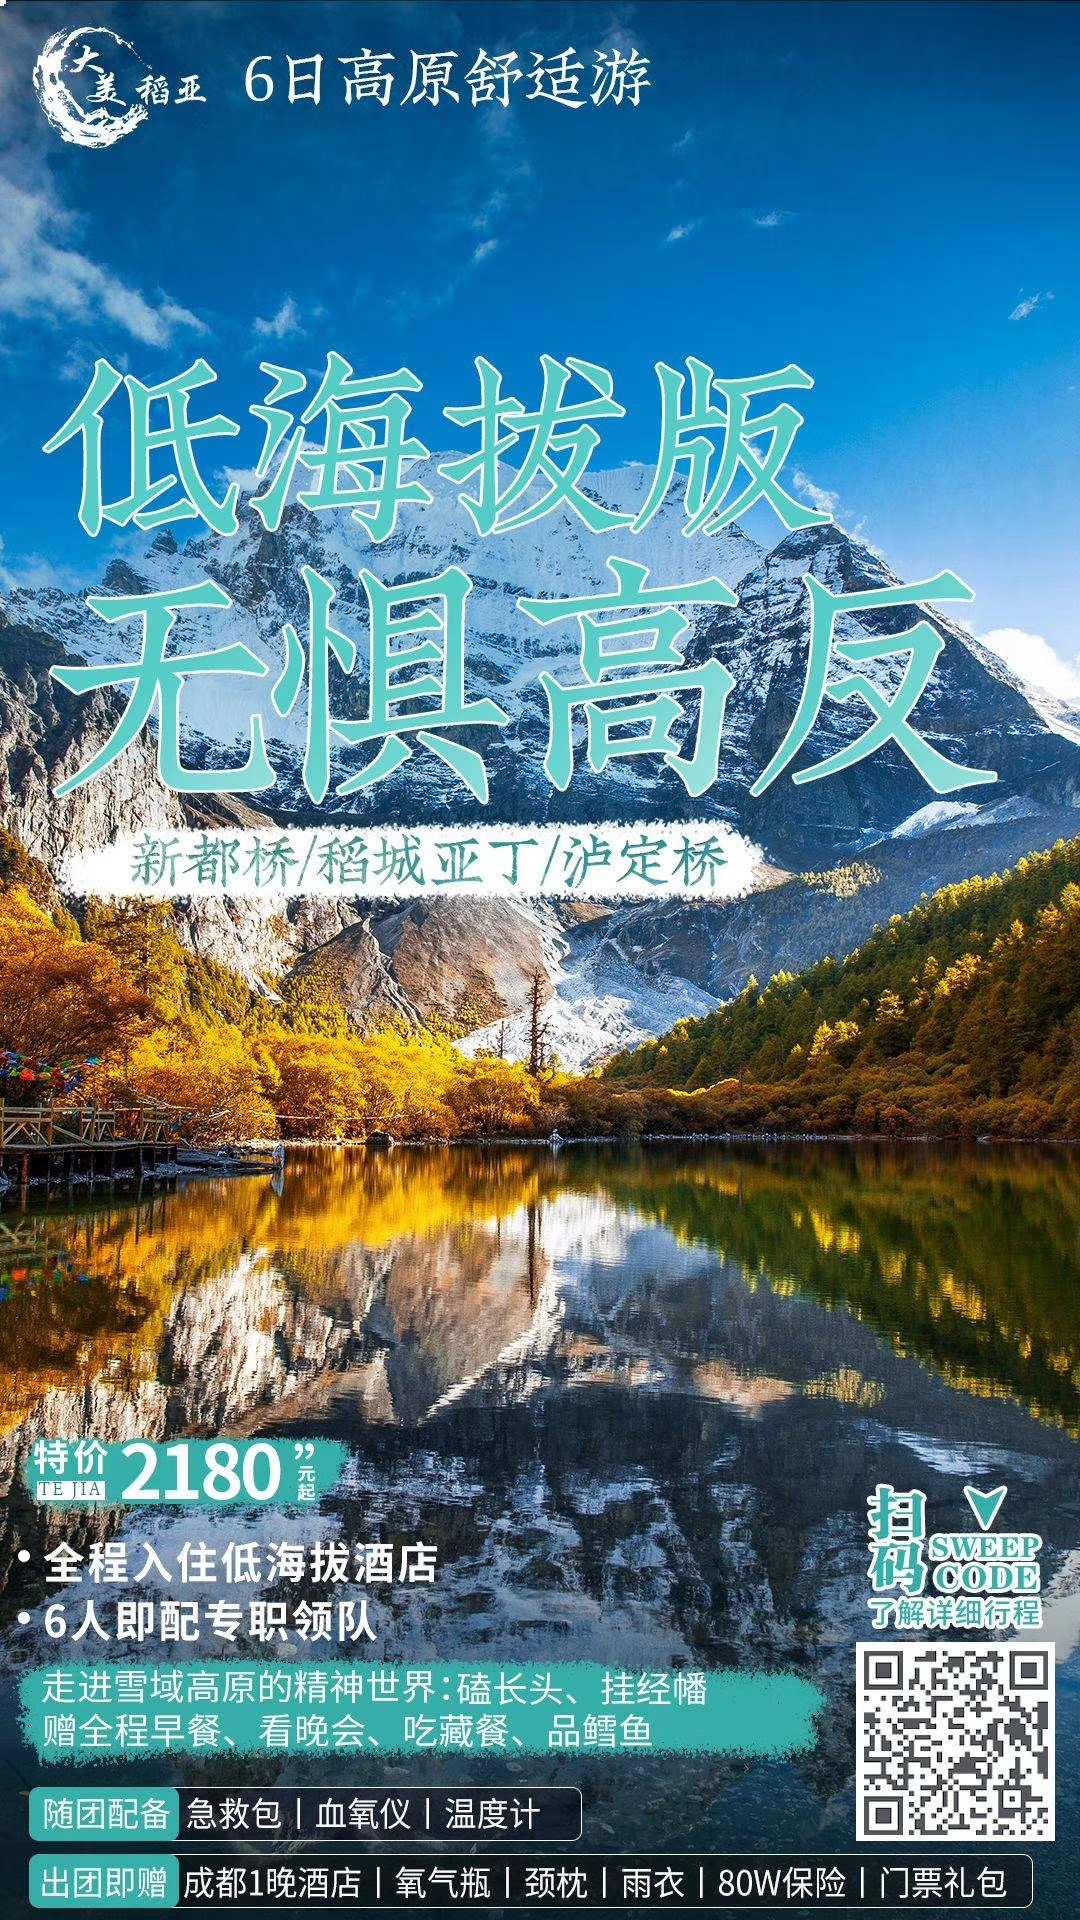 【大美稻亚·6日】低海拔版